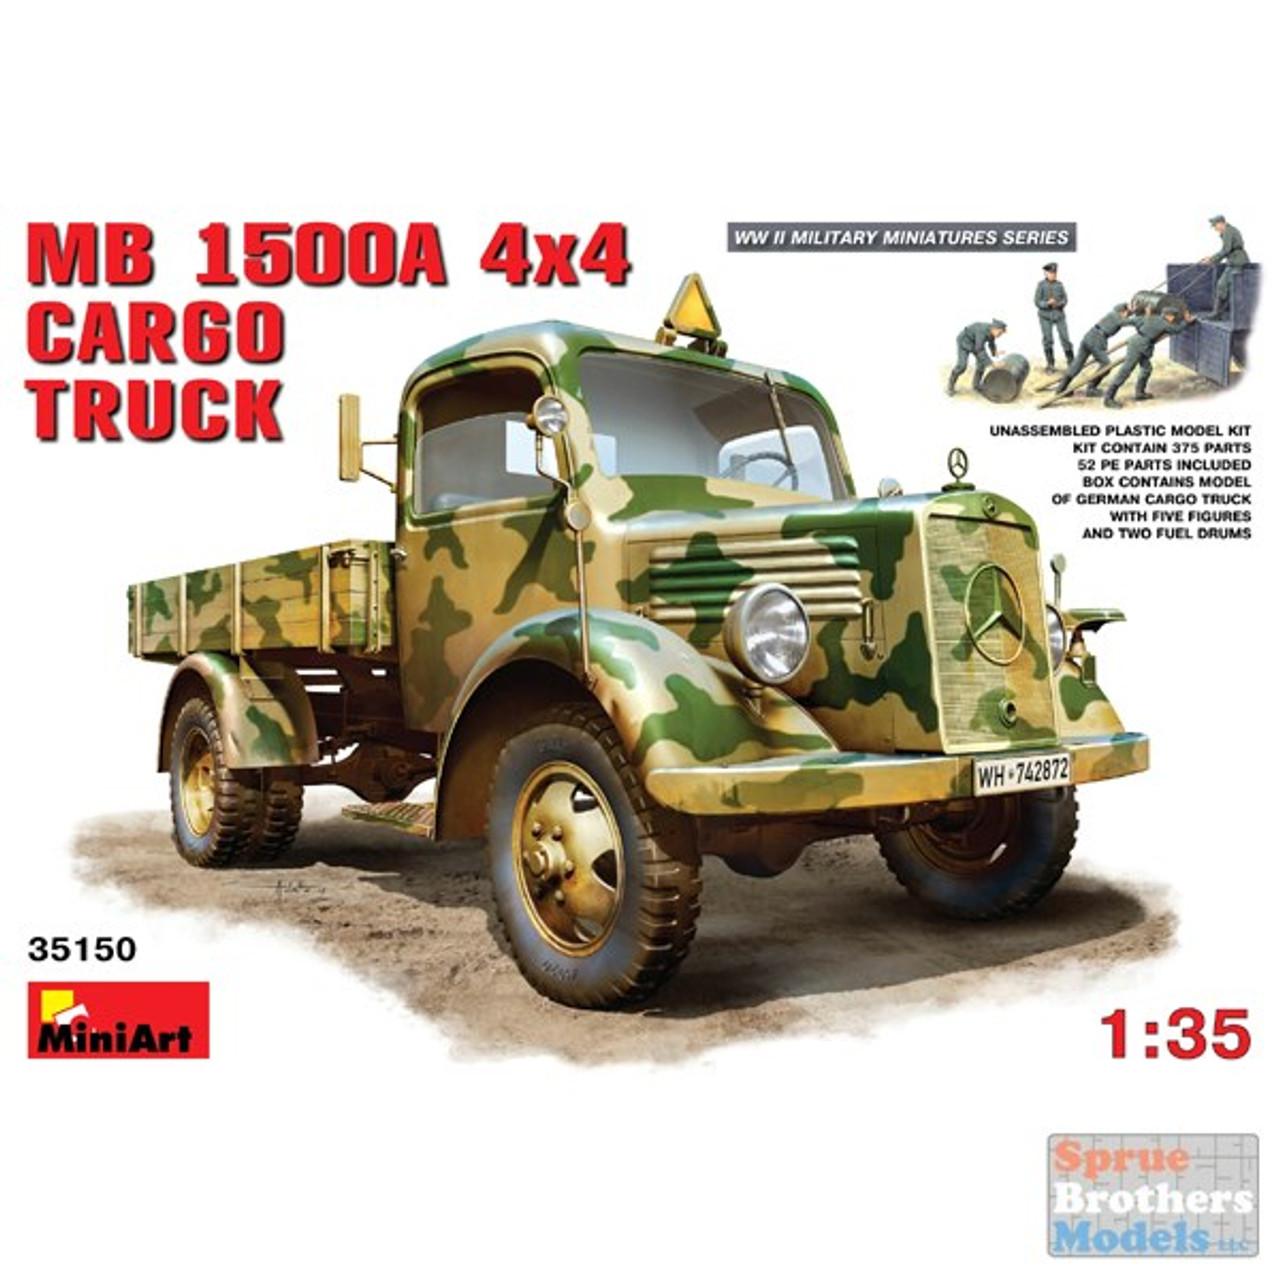 MIA35150 1:35 Miniart MB 1500A 4x4 Cargo Truck